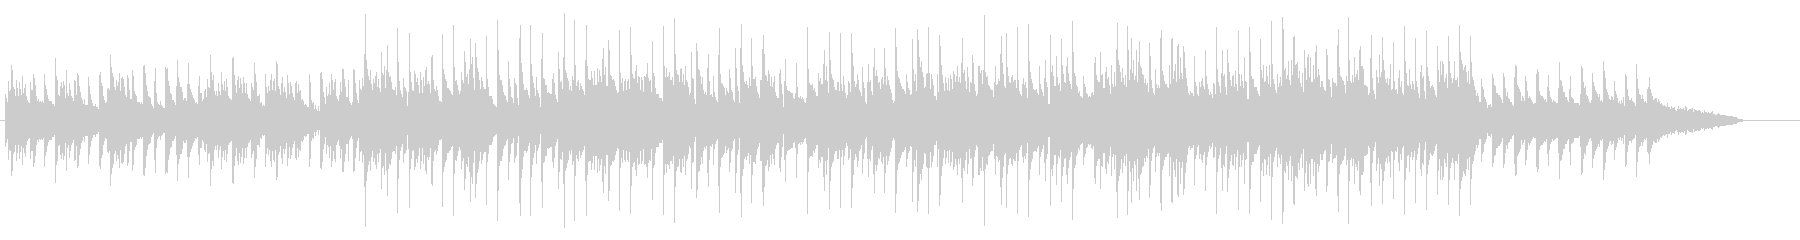 回顧録向けメロディアスなピアノ・バラードの未再生の波形